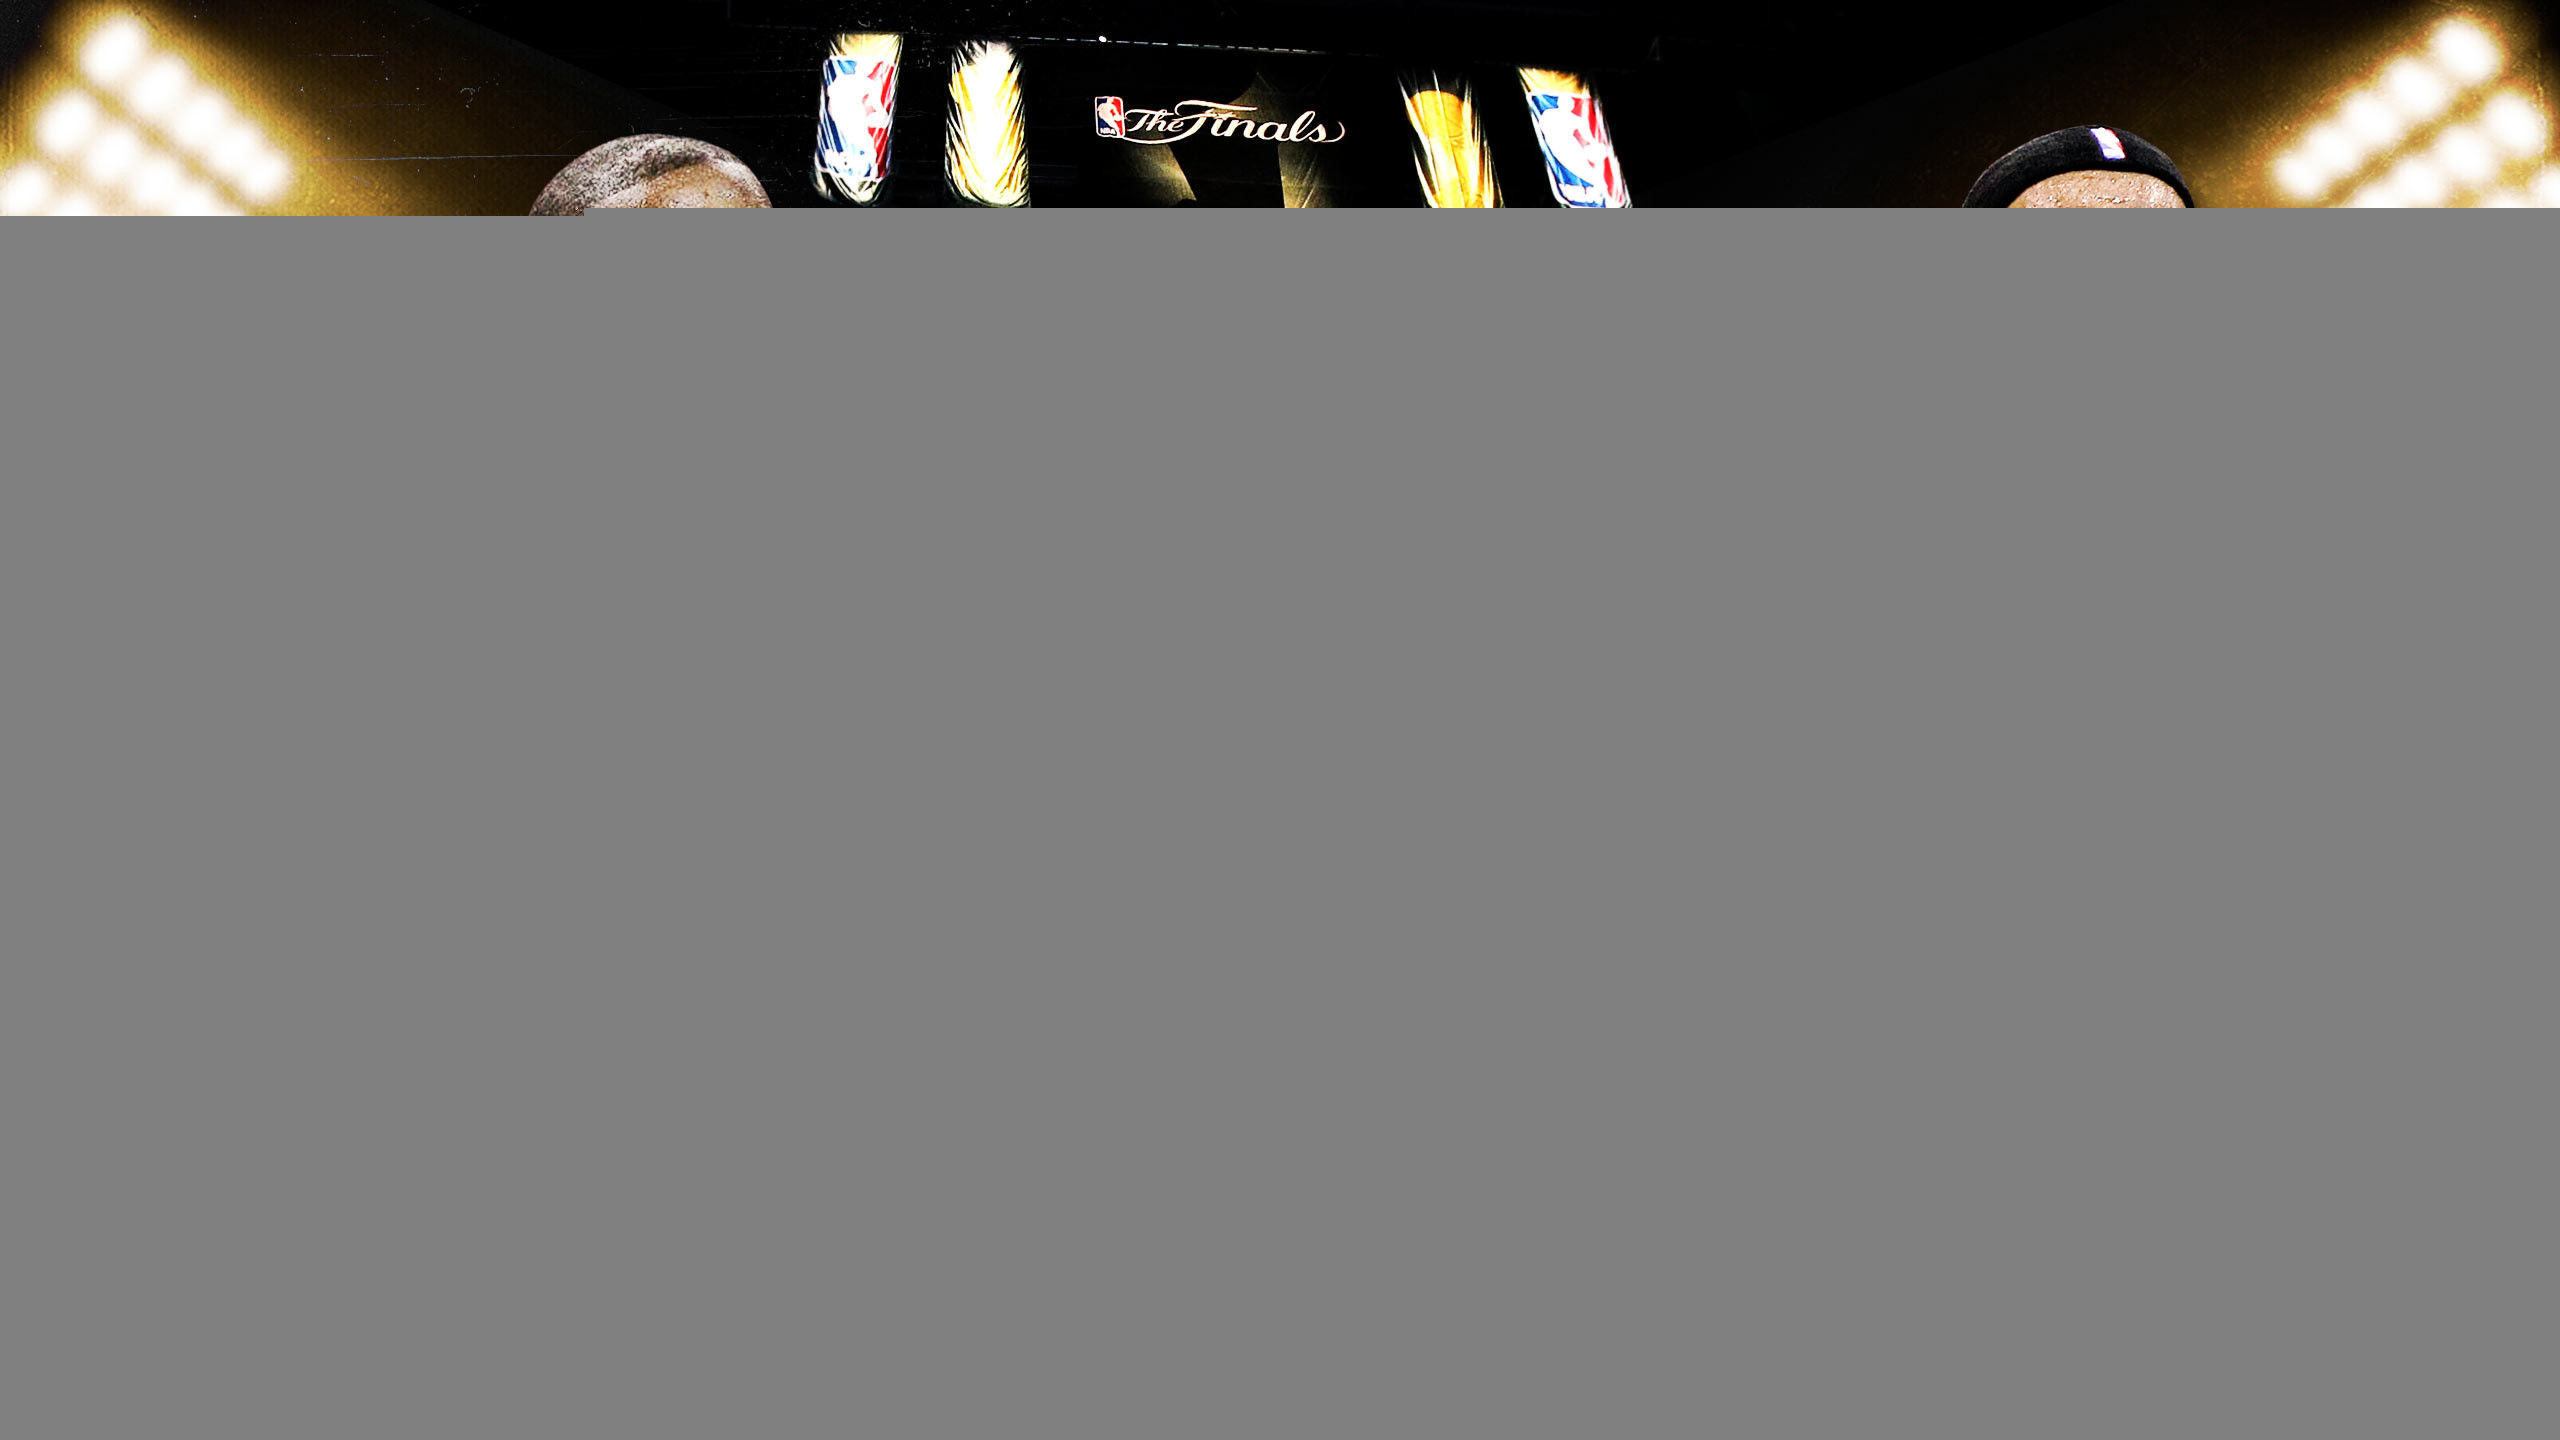 Res: 2560x1440, Durant James 2012 NBA Finals  Wallpaper